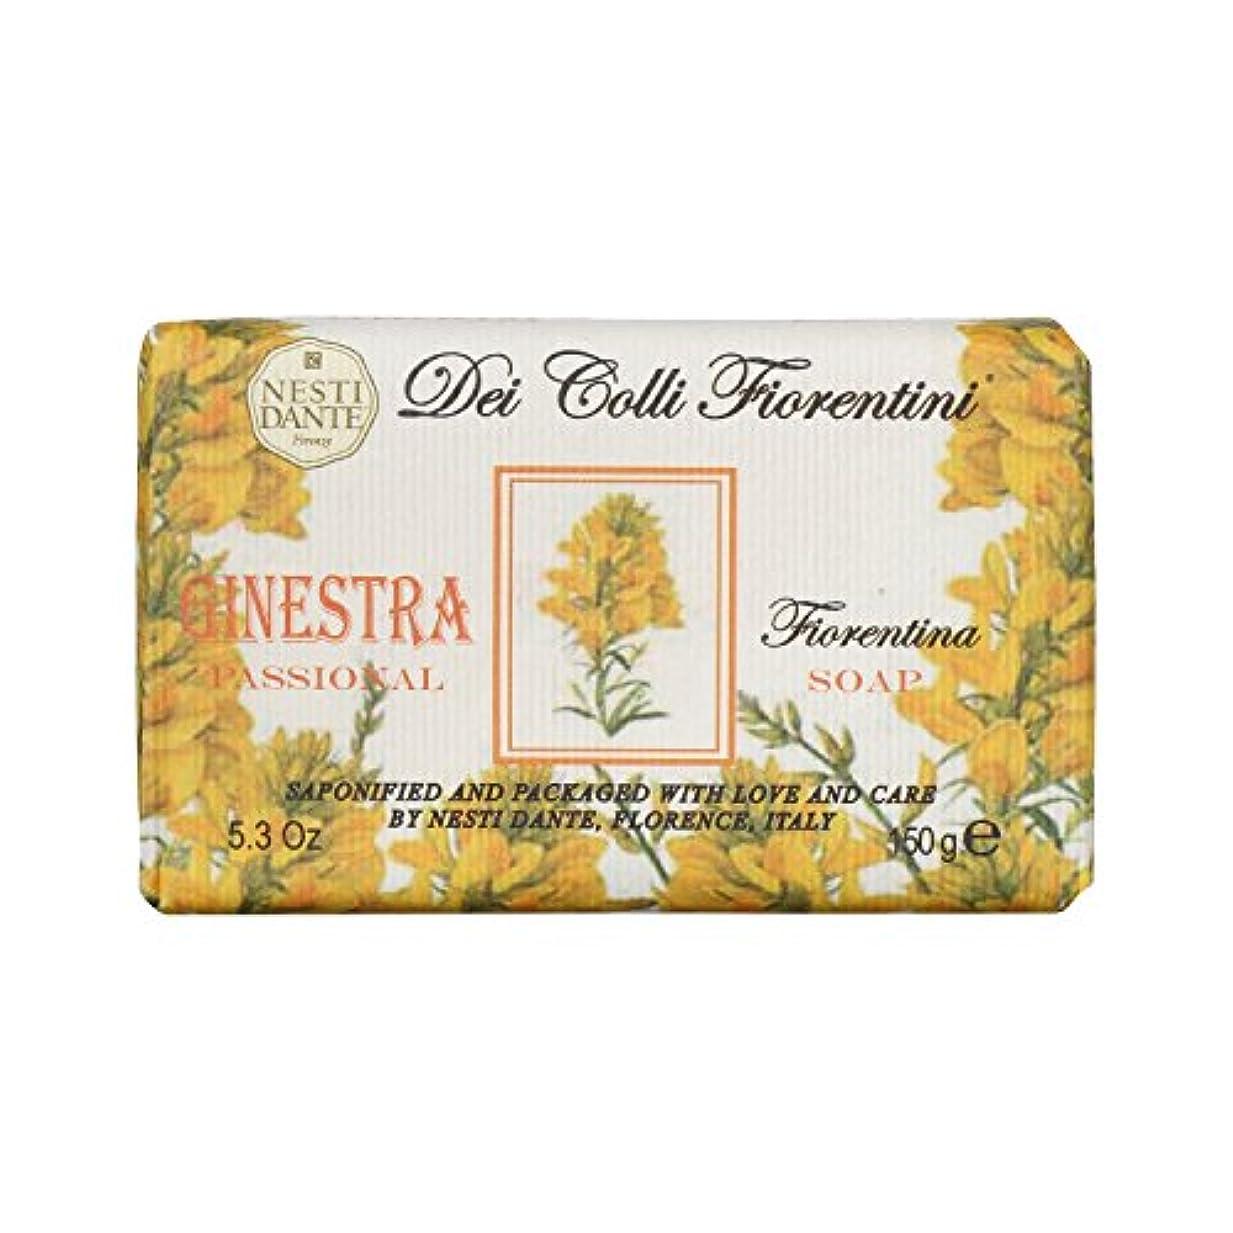 注目すべきおなじみの単語Nesti Dante ネスティダンテ フィオレンティーニソープ ブルーム 150g